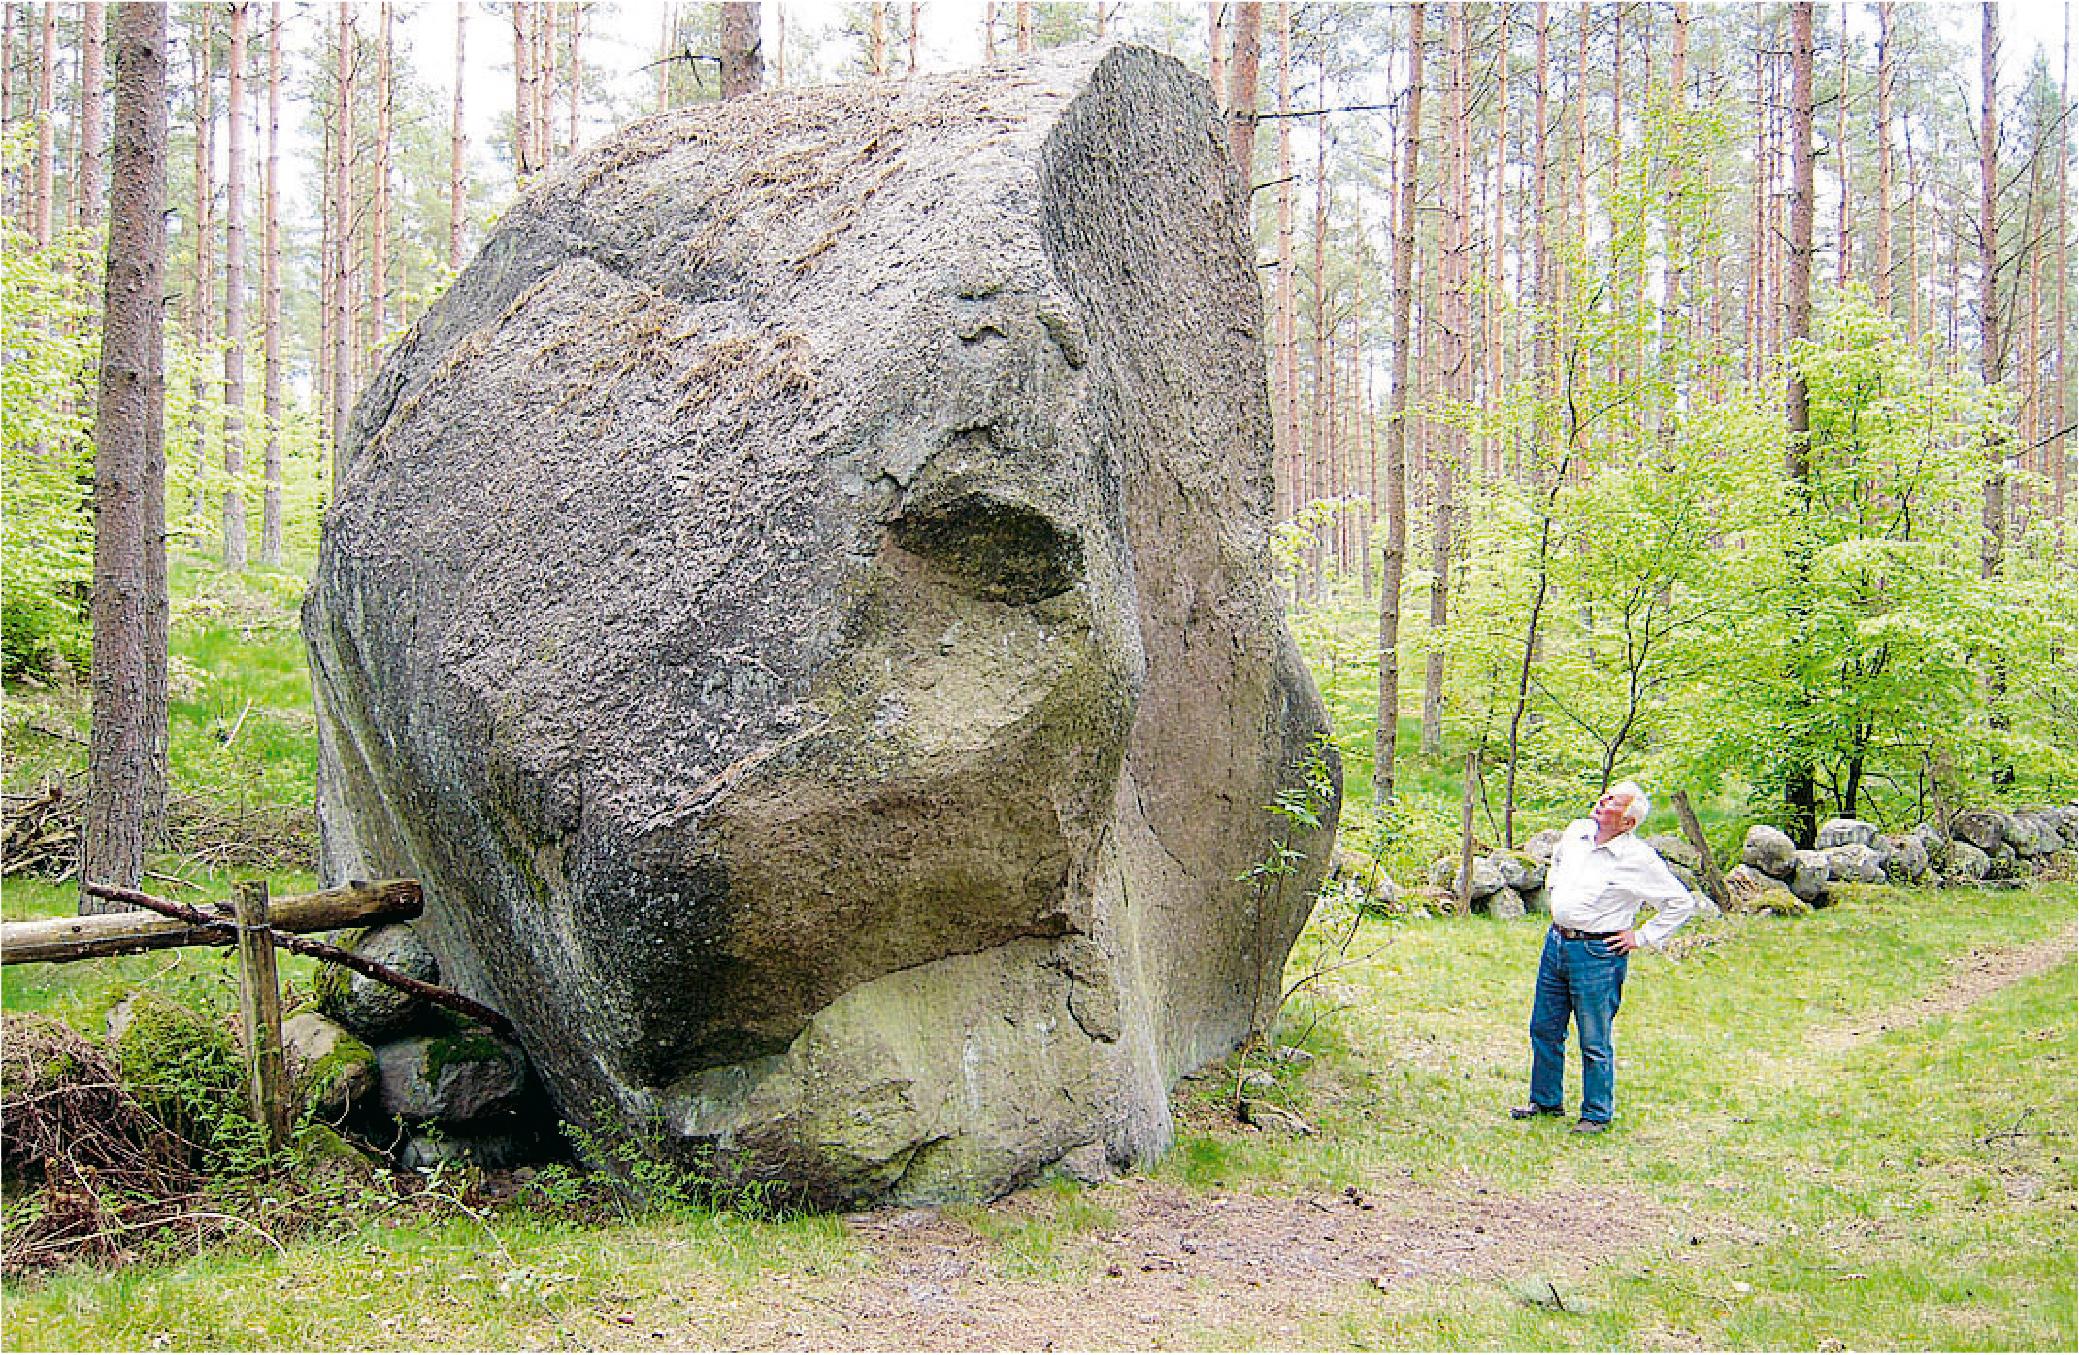 Artikelförfattaren Sven Plavén vid vännestenen Krogrygg.